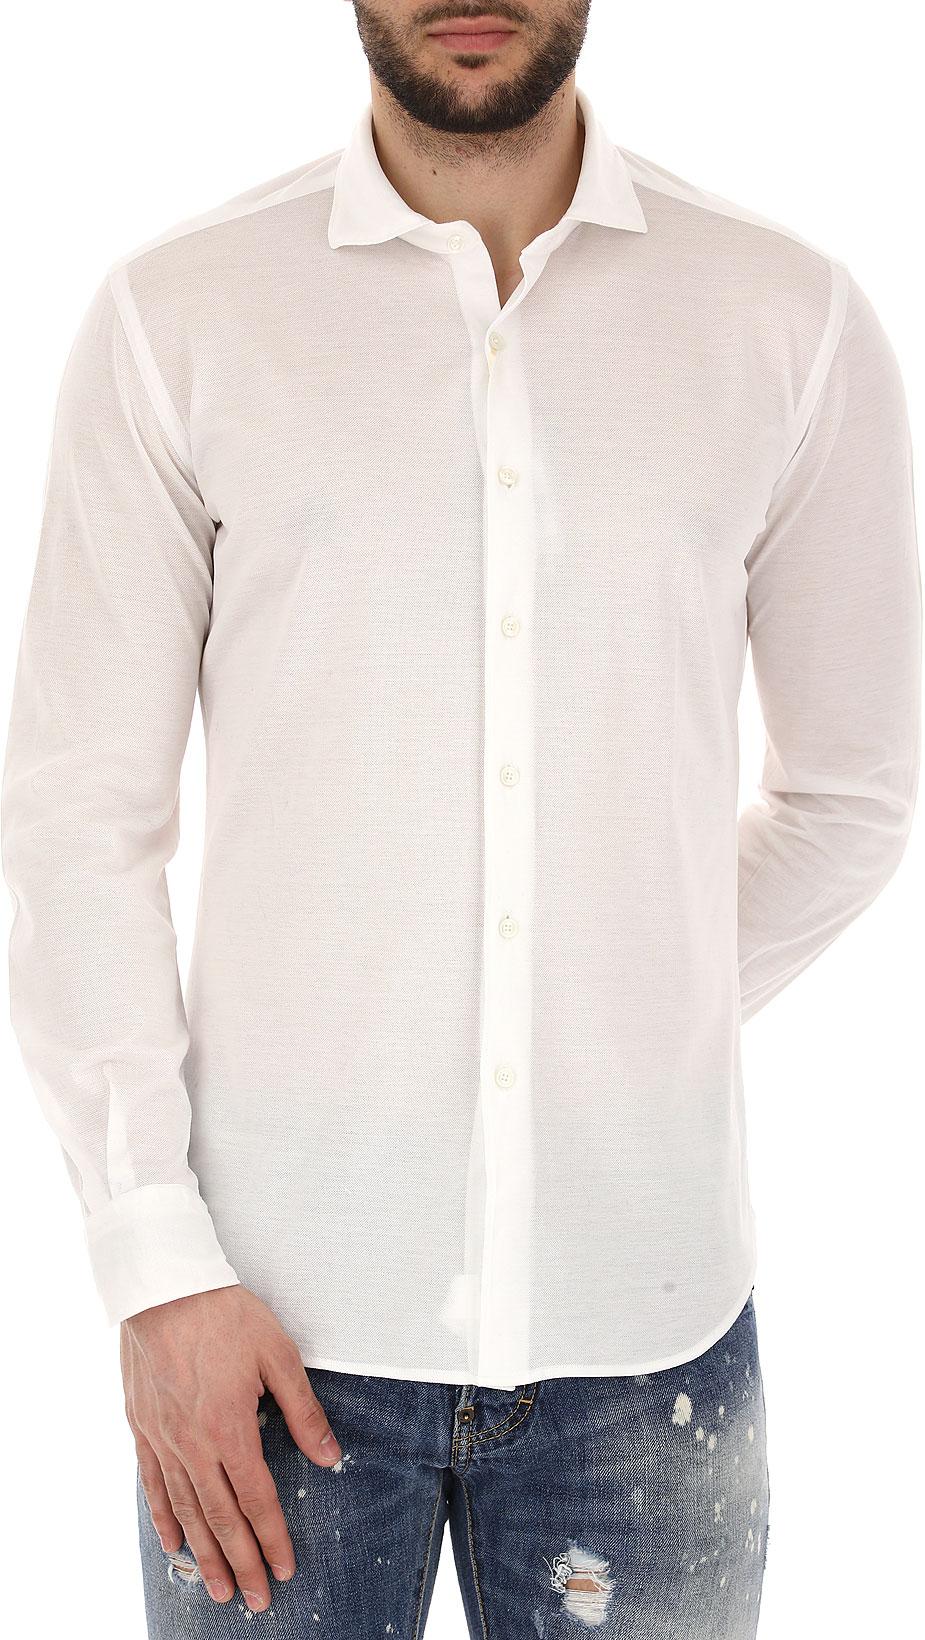 Abbigliamento Uomo Xacus, Codice Articolo: j722ml-21464-001